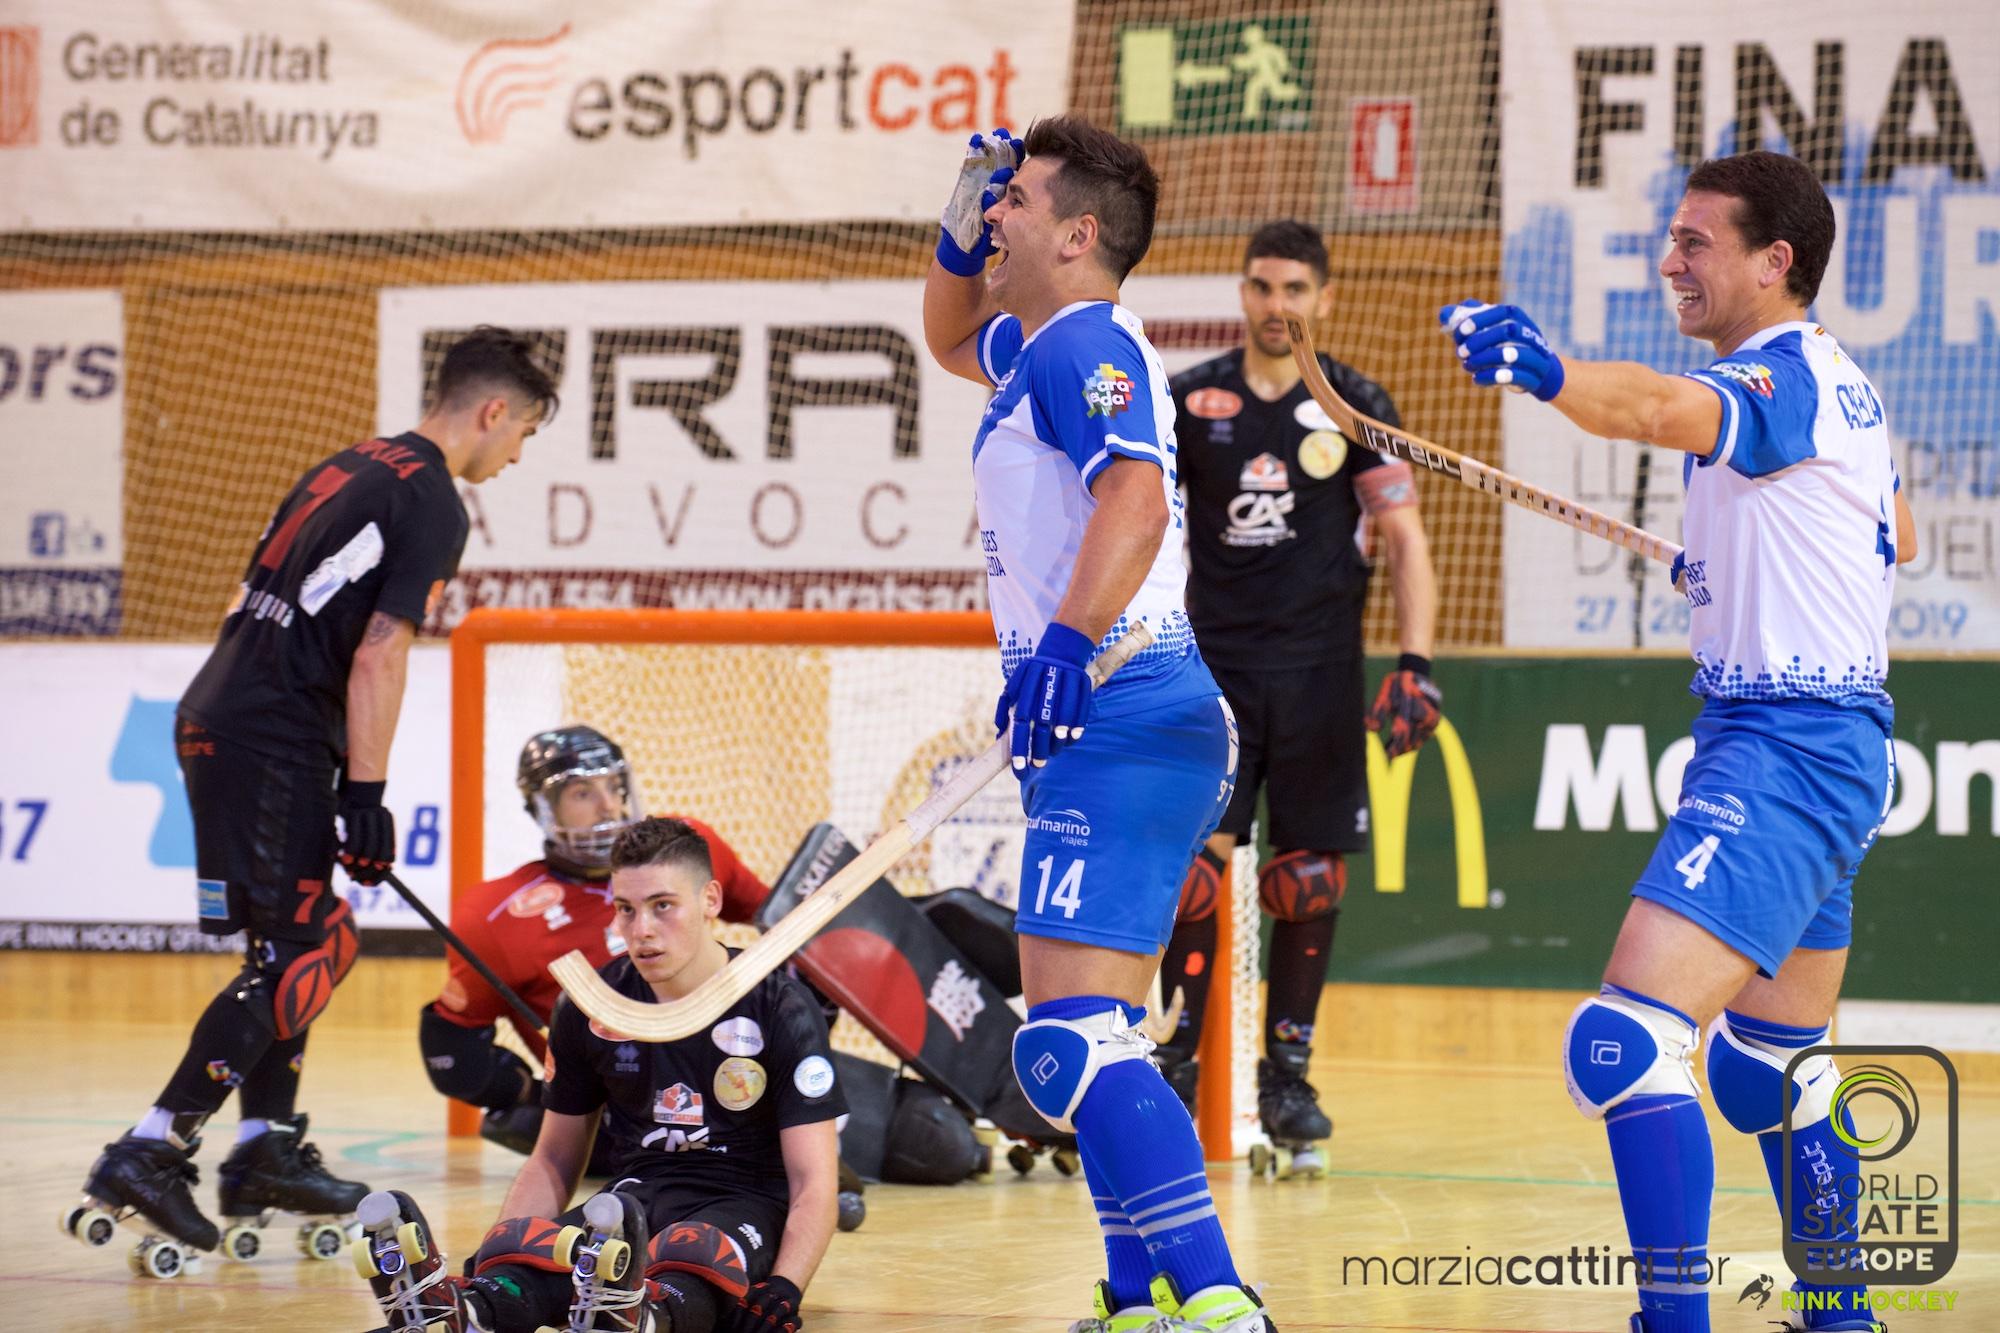 19-04-28-Lleida-Sarzana36